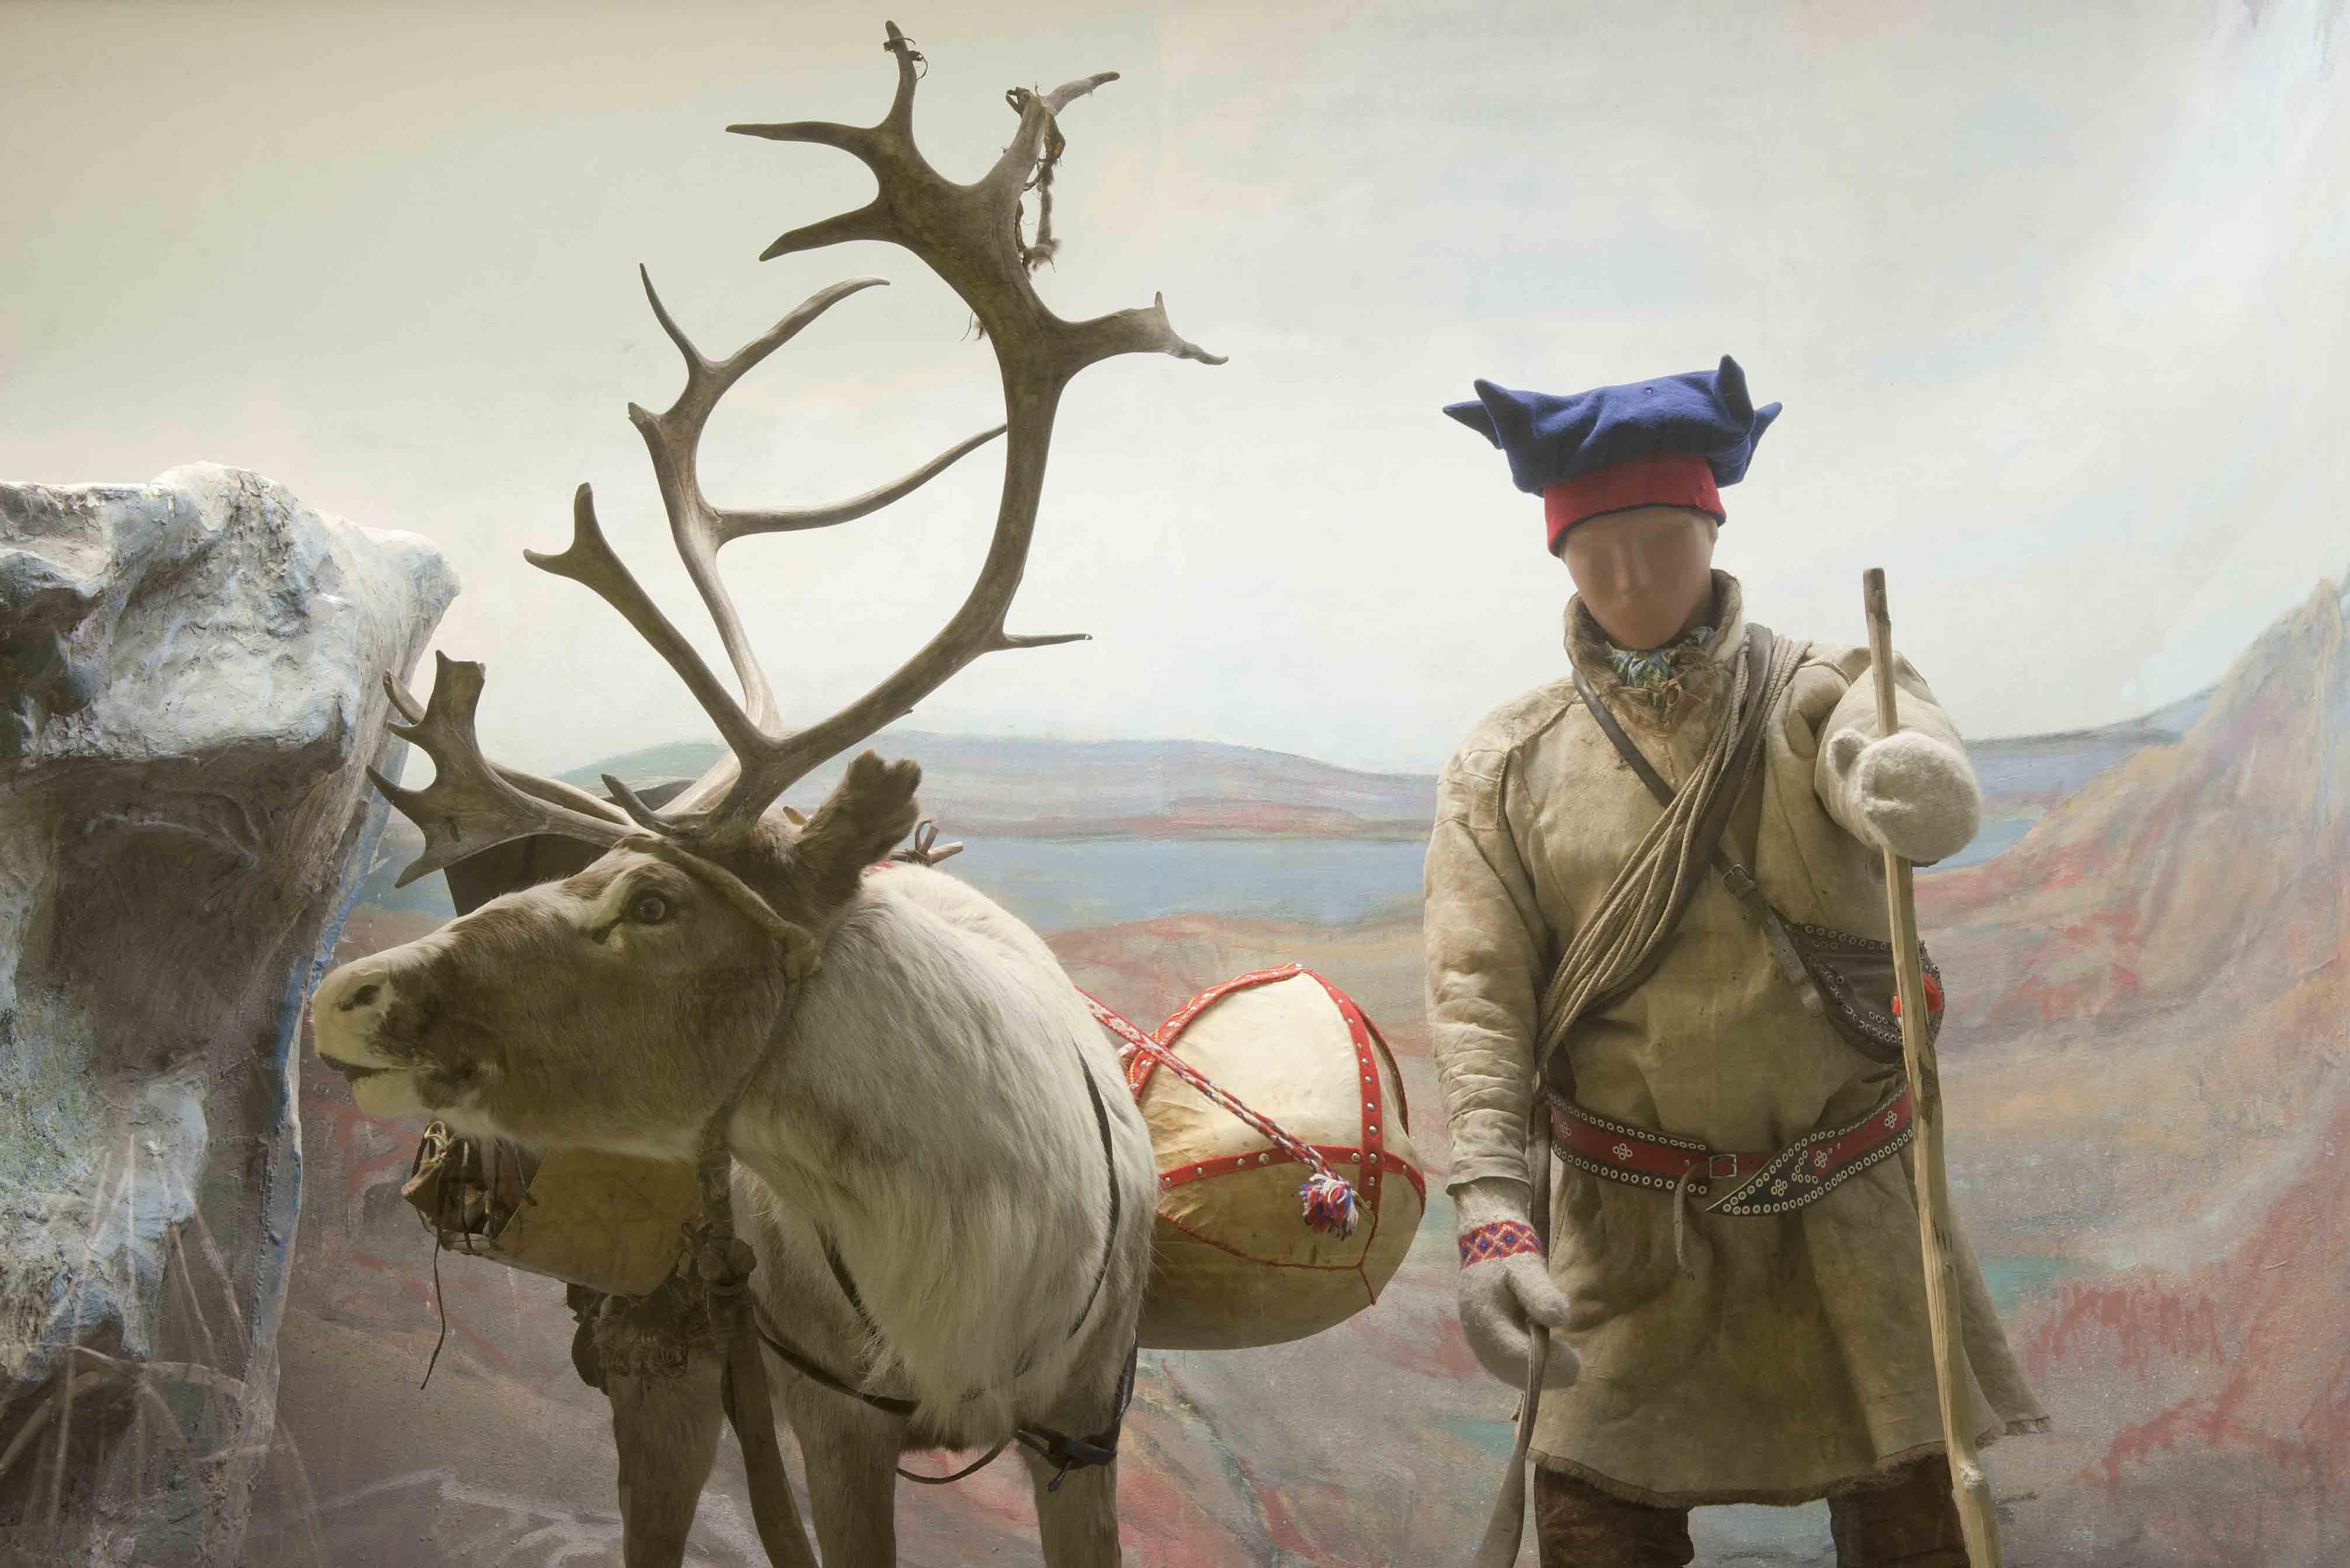 Sami Culture and Camp Visit